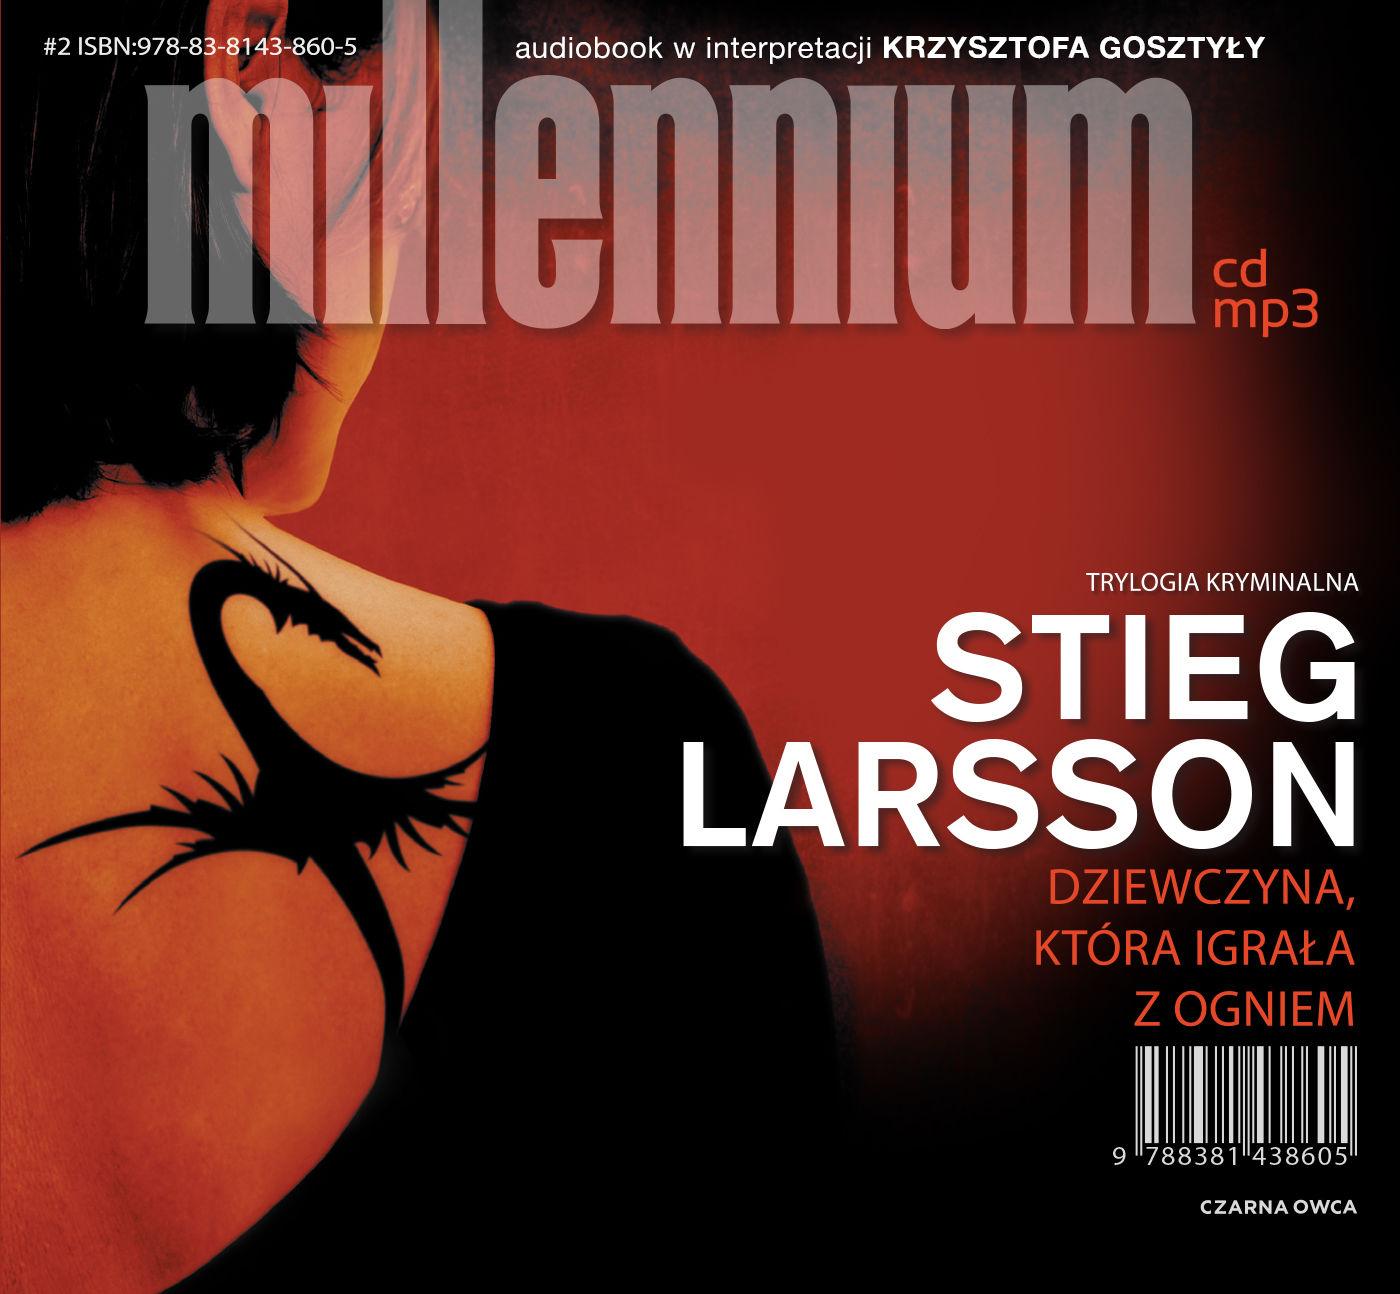 Dziewczyna, która igrała z ogniem - Stieg Larsson - audiobook